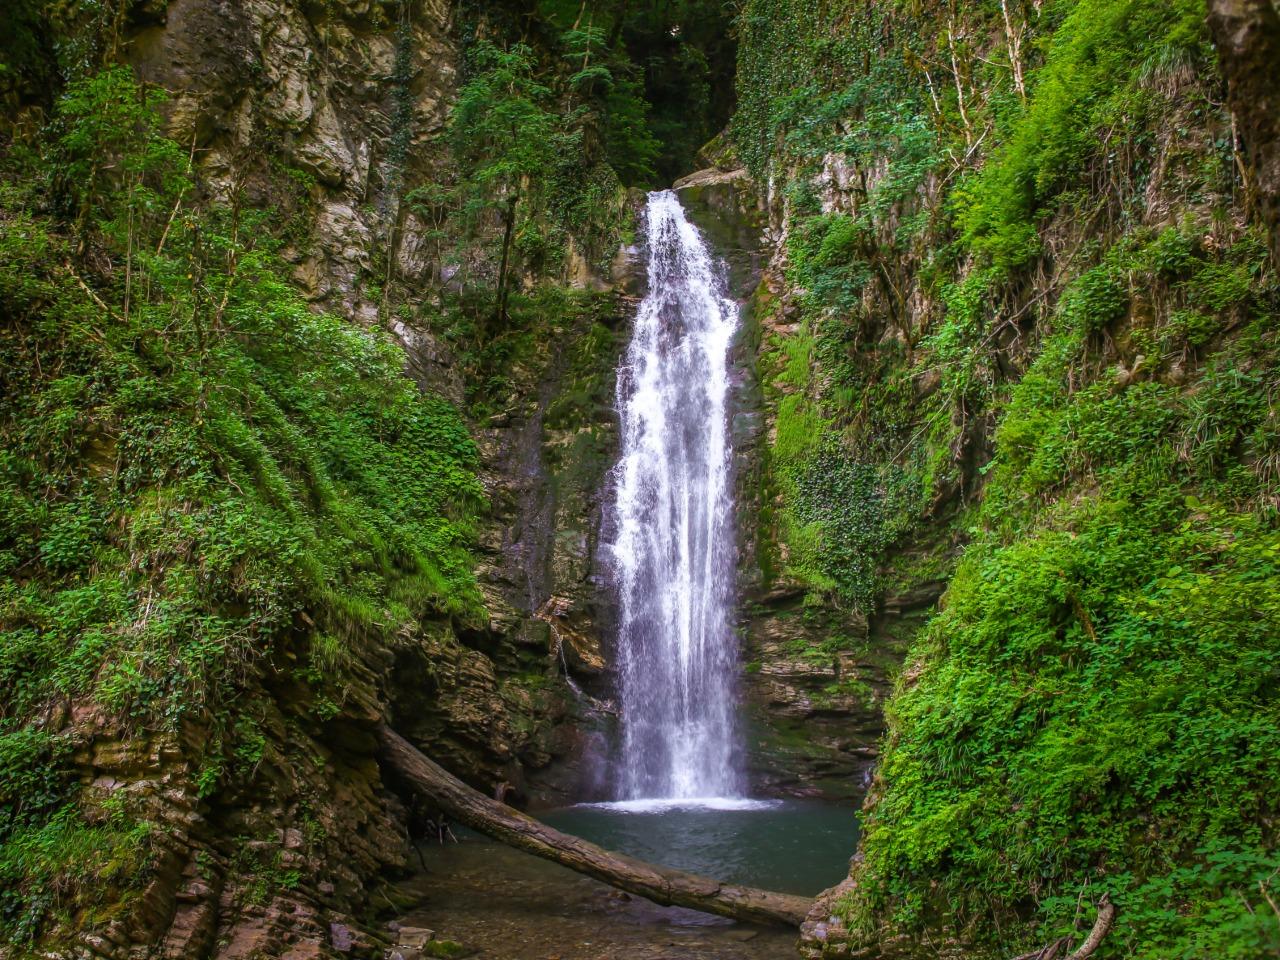 Поход на Ажекские водопады - групповая экскурсия в Сочи от опытного гида